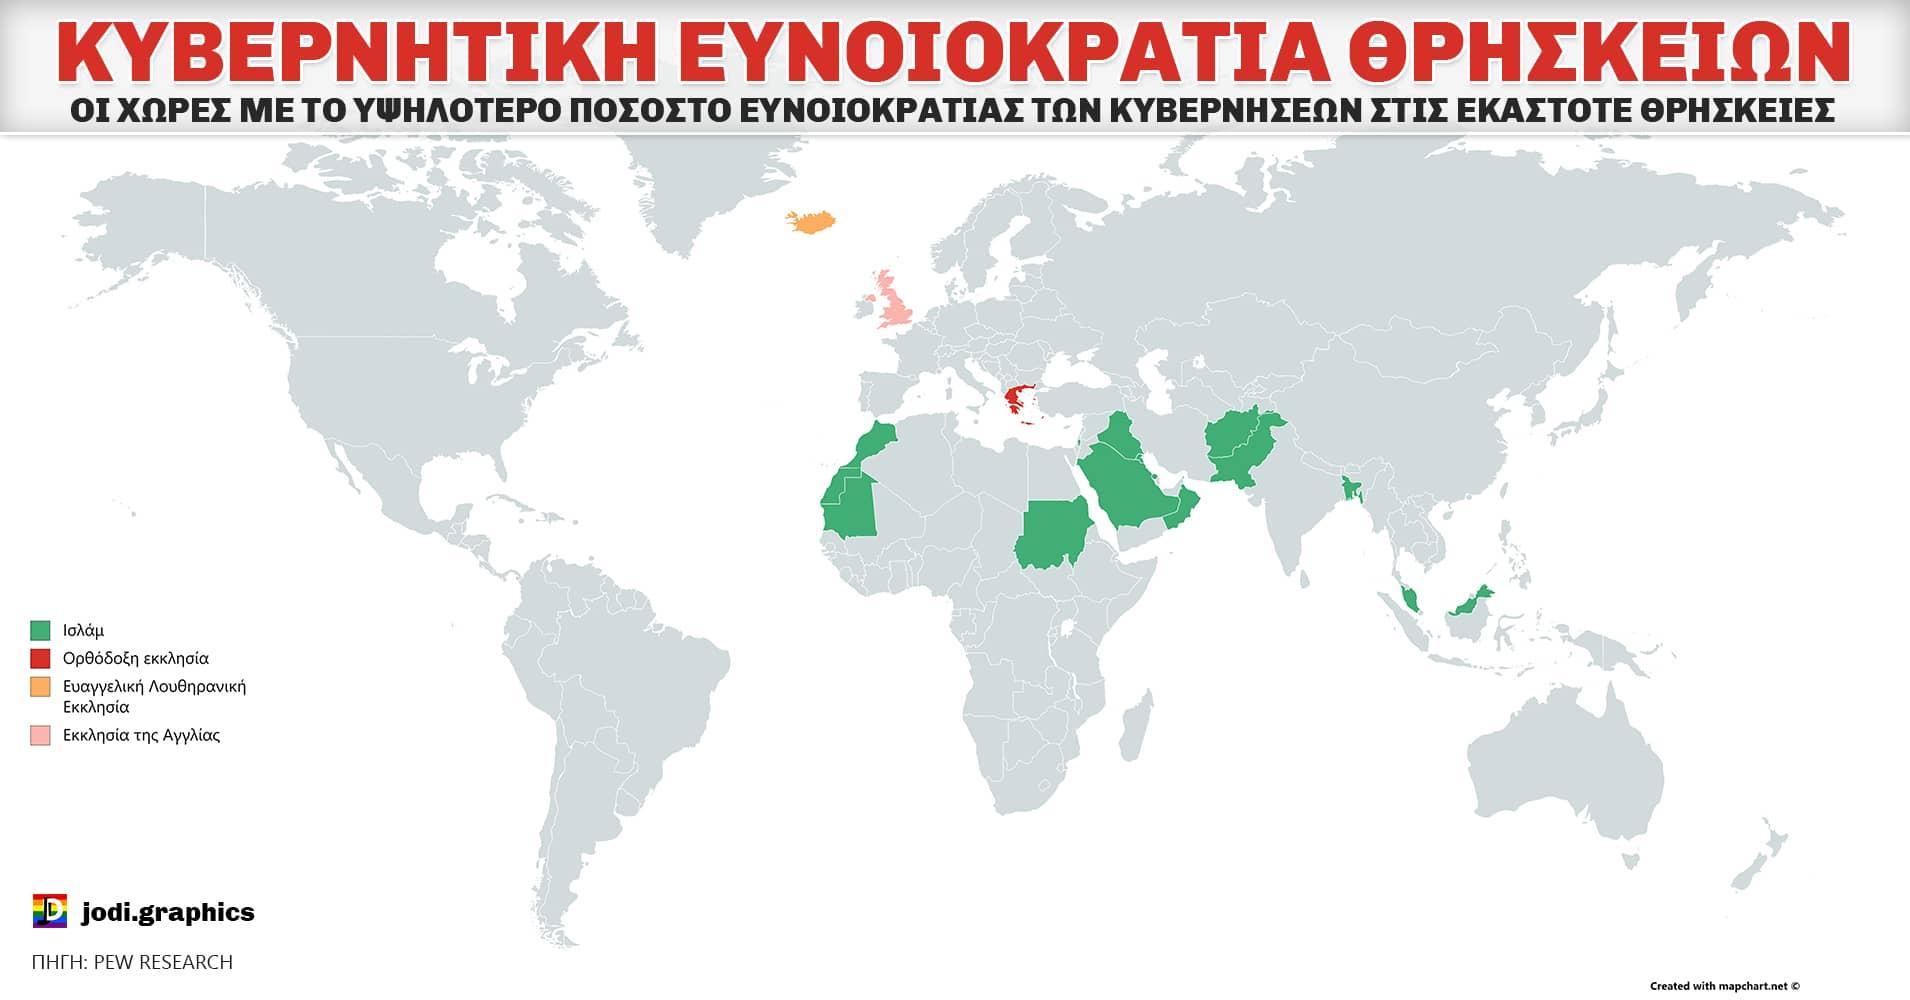 Πρωταθλήτρια η Ελλάδα στην κυβερνητική ευνοιοκρατία προς την επίσημη θρησκεία